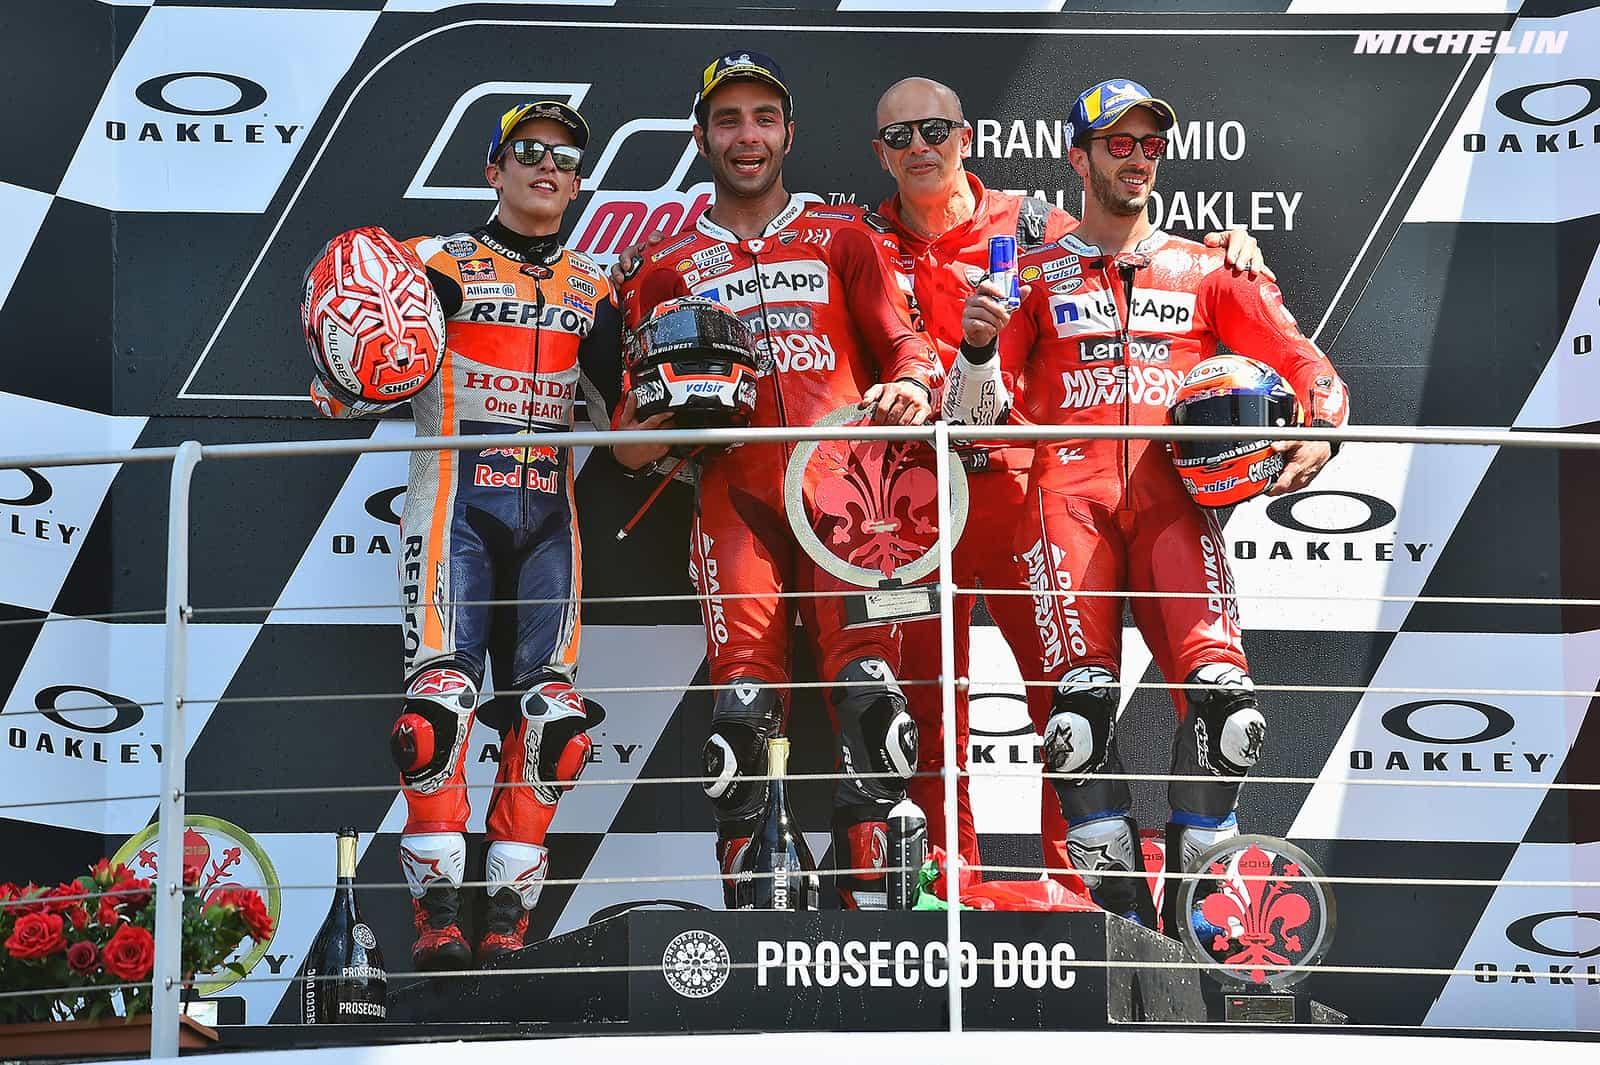 写真で振り返るMotoGP2019年シーズン 第6戦イタリアGP